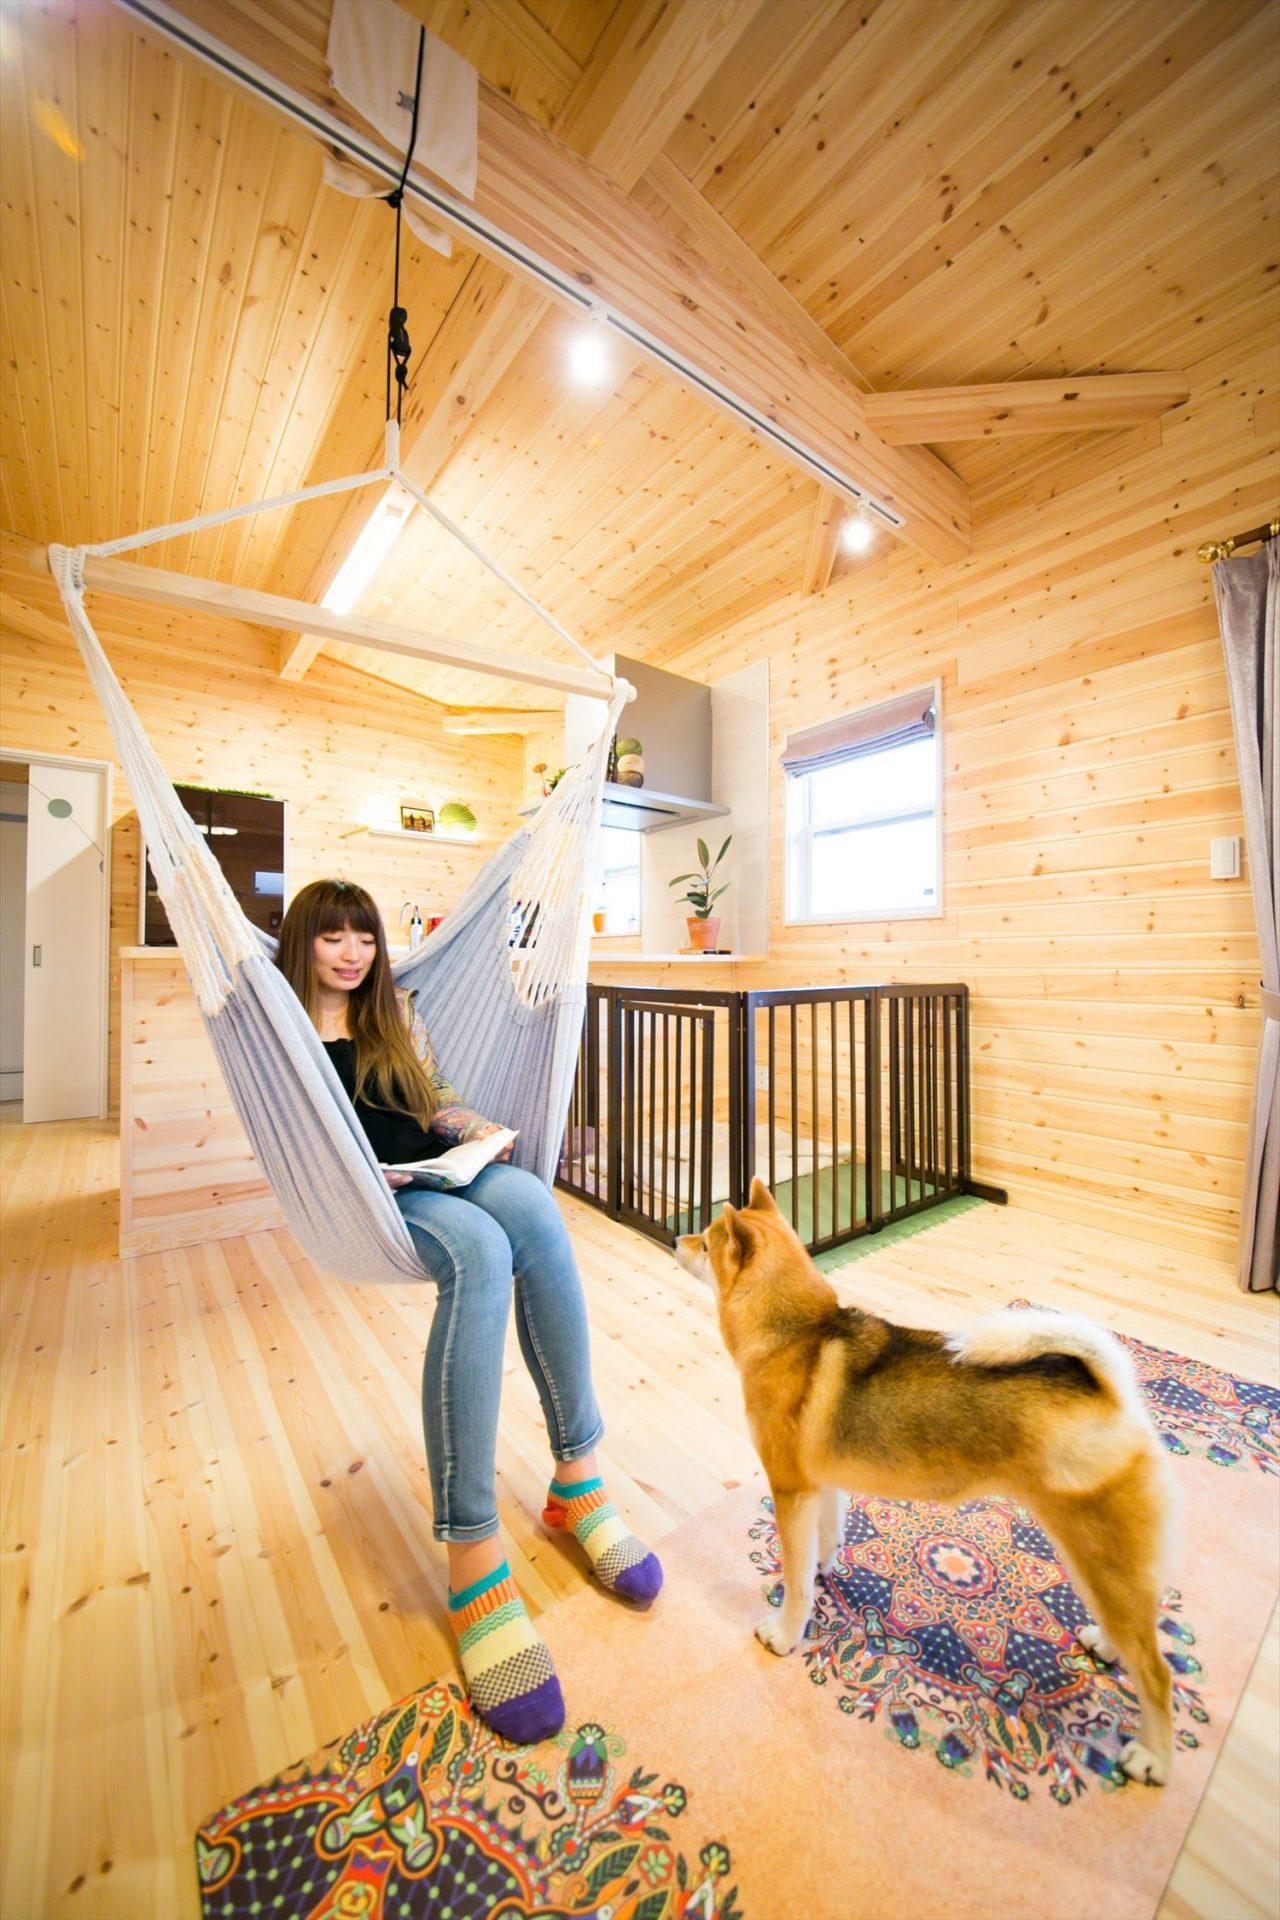 木のぬくもり溢れる自然派住宅のハンモックと犬|富山の注文住宅,ログハウスのような木の家を低価格で建てるならエイ・ワン